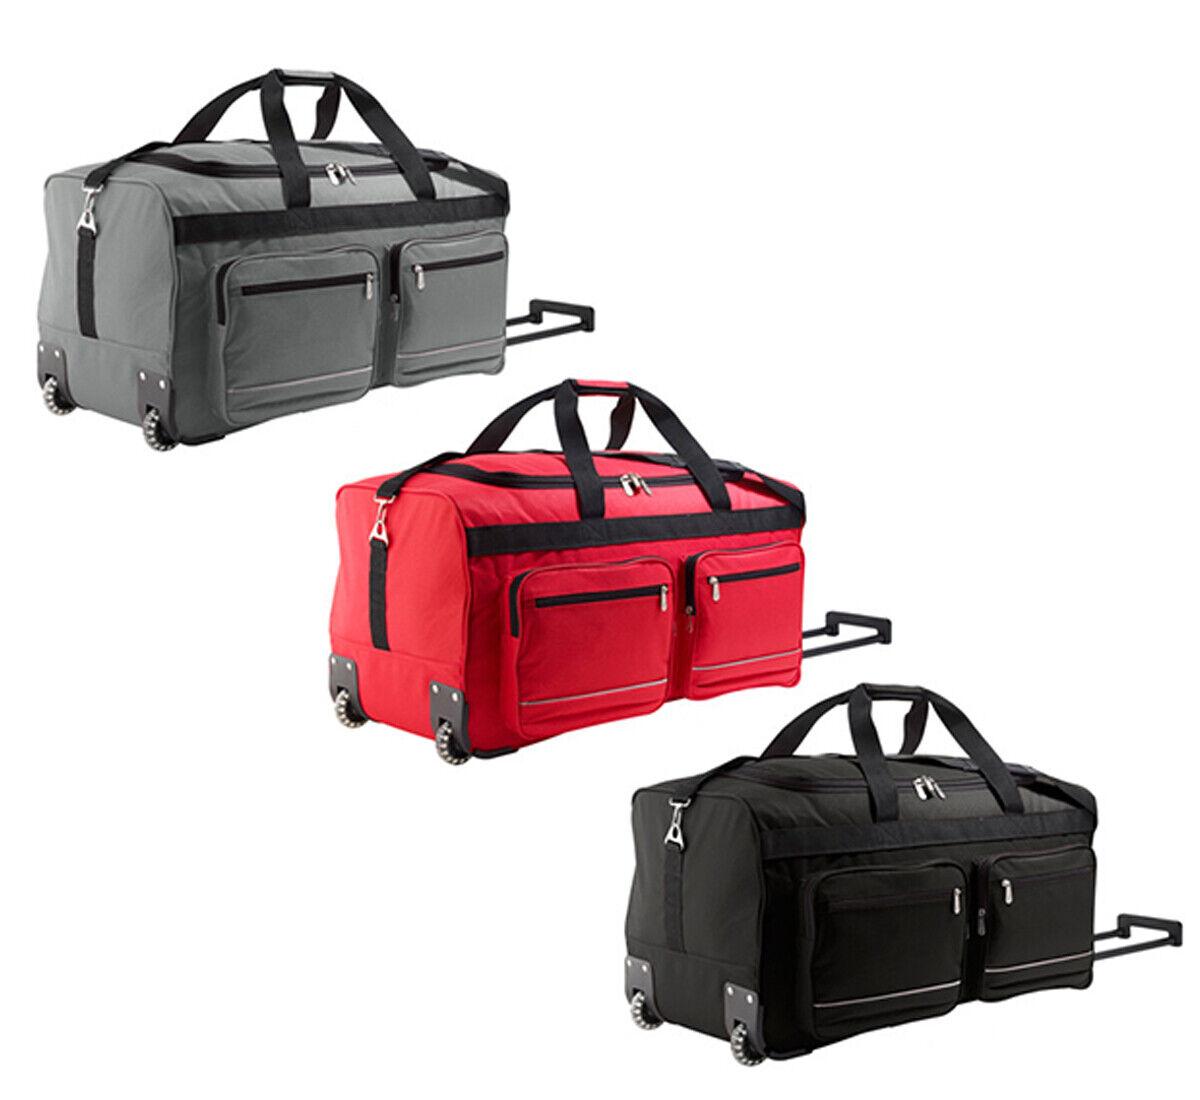 Herren Reisetasche mit Rollen Sporttasche Trainingstasche Travel Bag